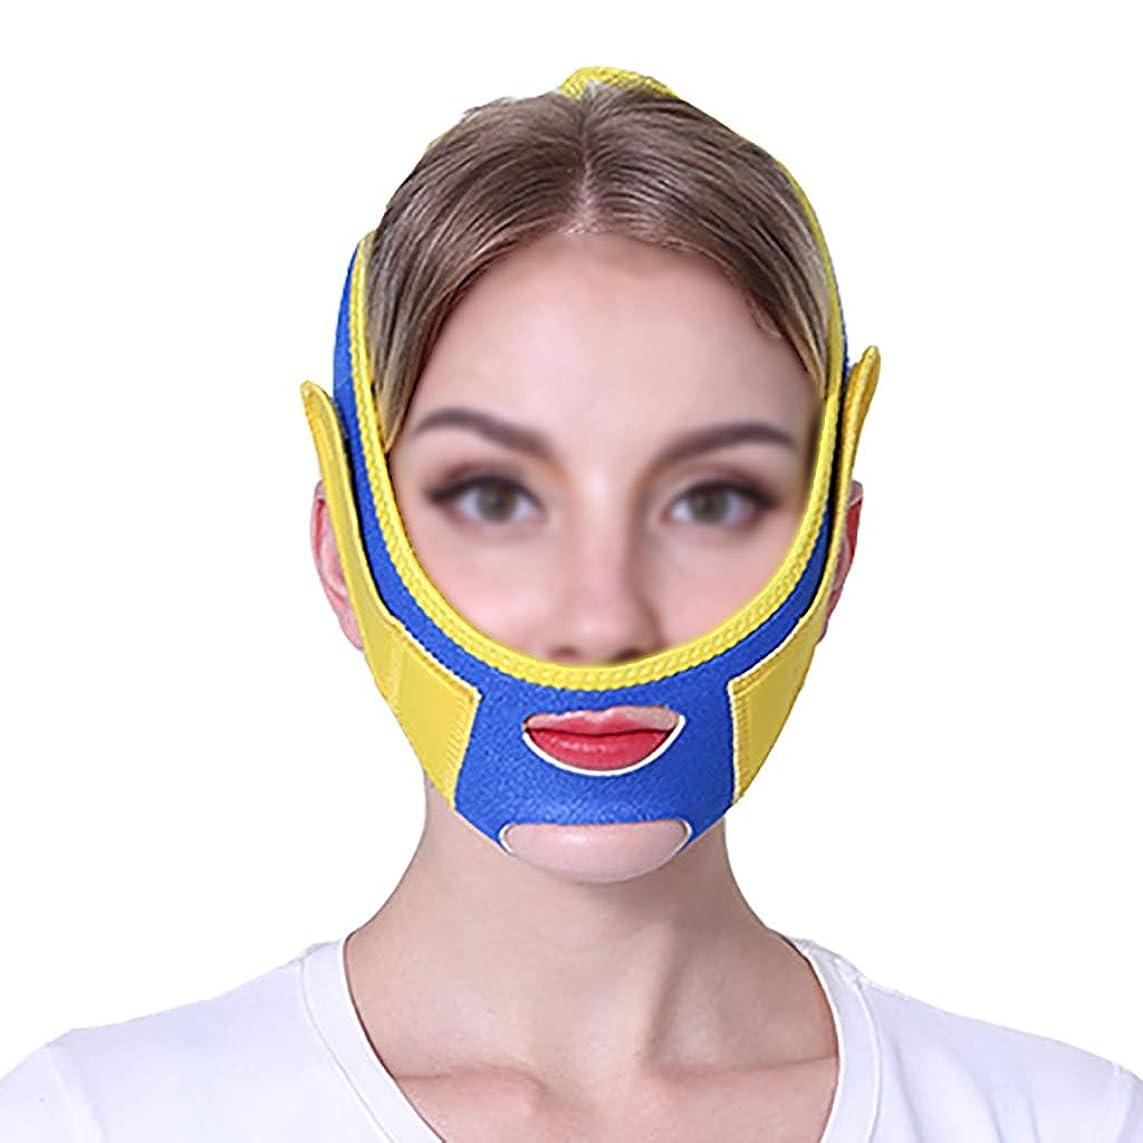 依存たるみ魔術TLMY ファーミングマスクスモールvフェイスアーティファクトリフティングマスクフェイスリフティングフェイスリフティングマスクファーミングクリームフェイシャルリフティング包帯 顔用整形マスク